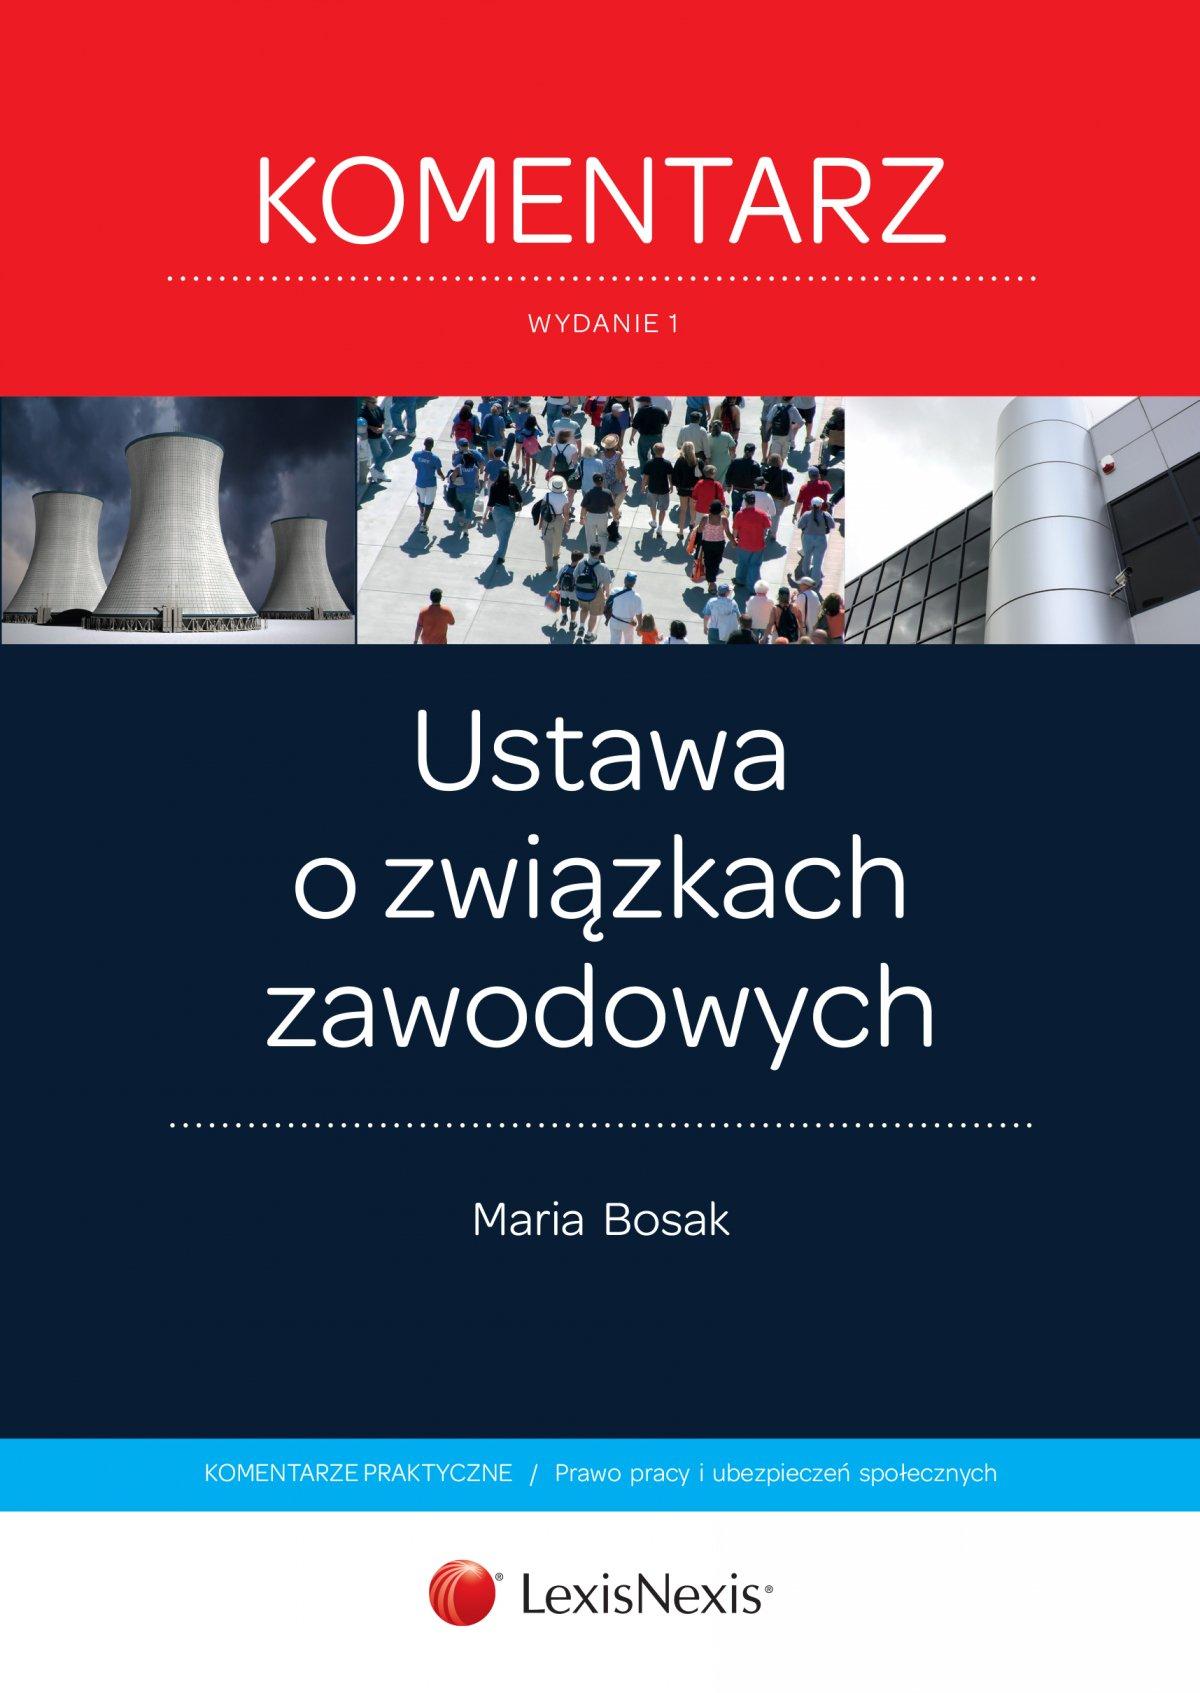 Ustawa o związkach zawodowych. Komentarz. Wydanie 1 - Ebook (Książka EPUB) do pobrania w formacie EPUB